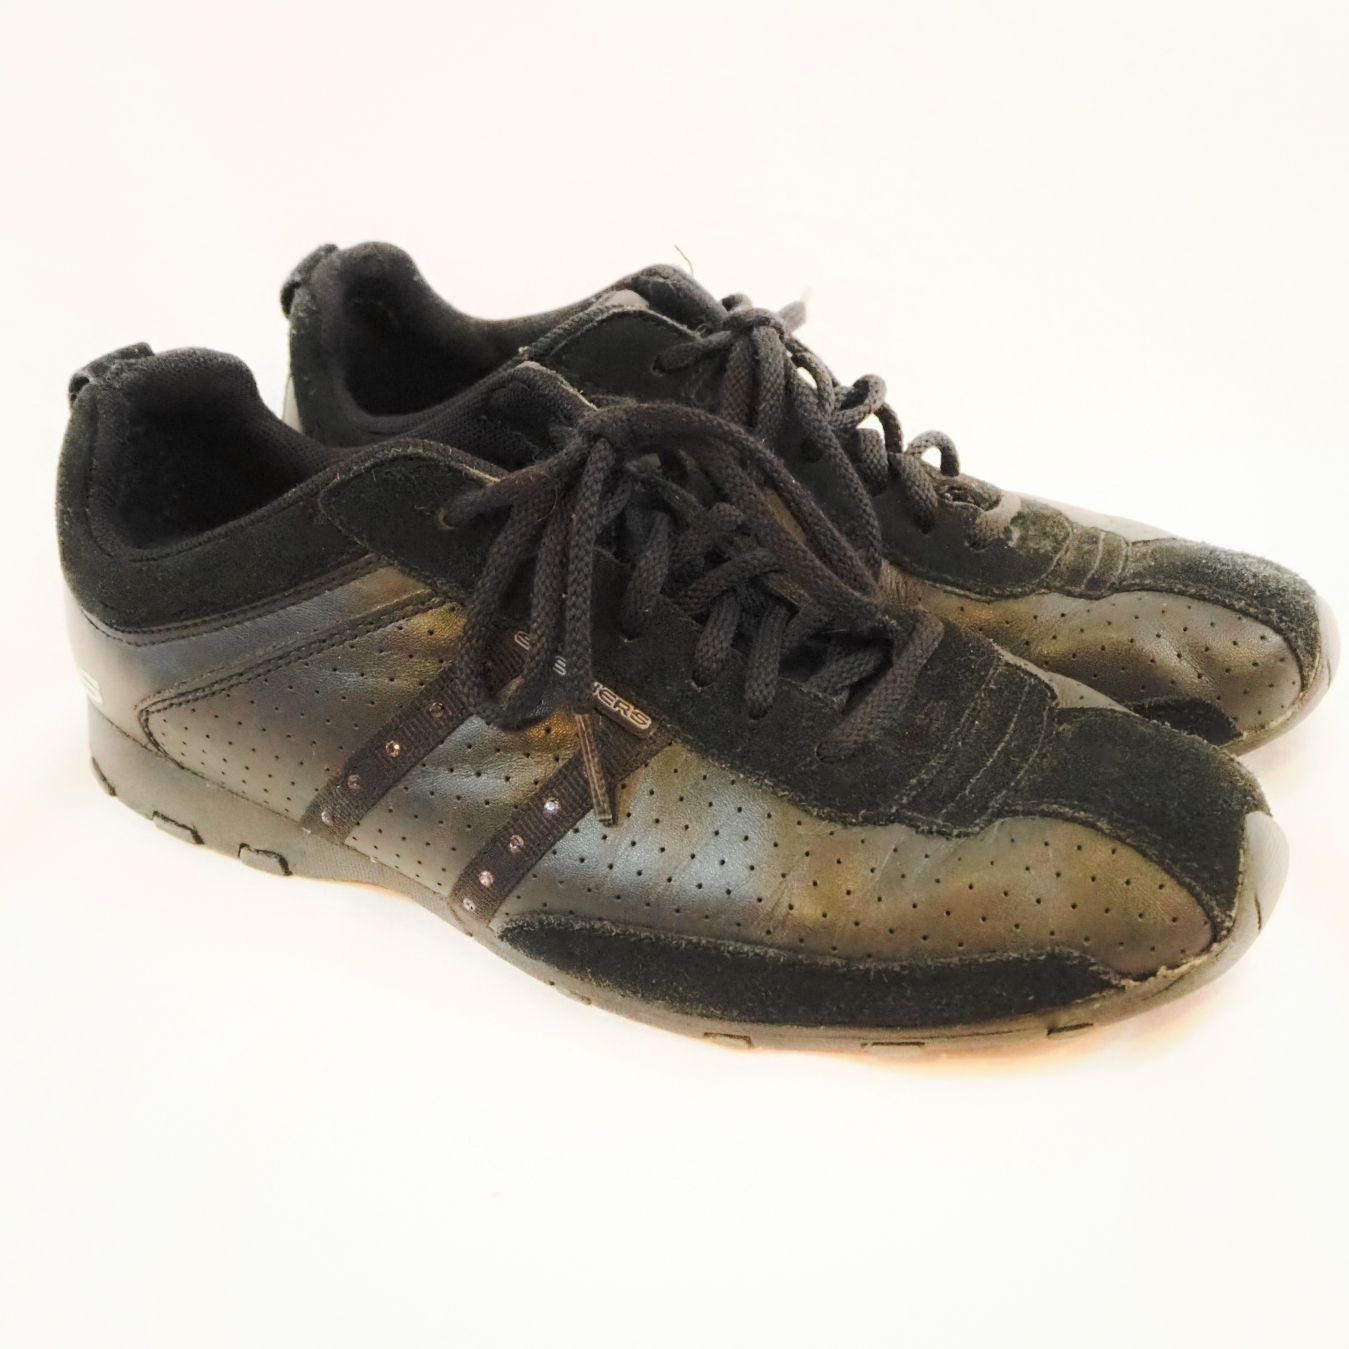 Skechers Black Tennis Shoes Rhinestones